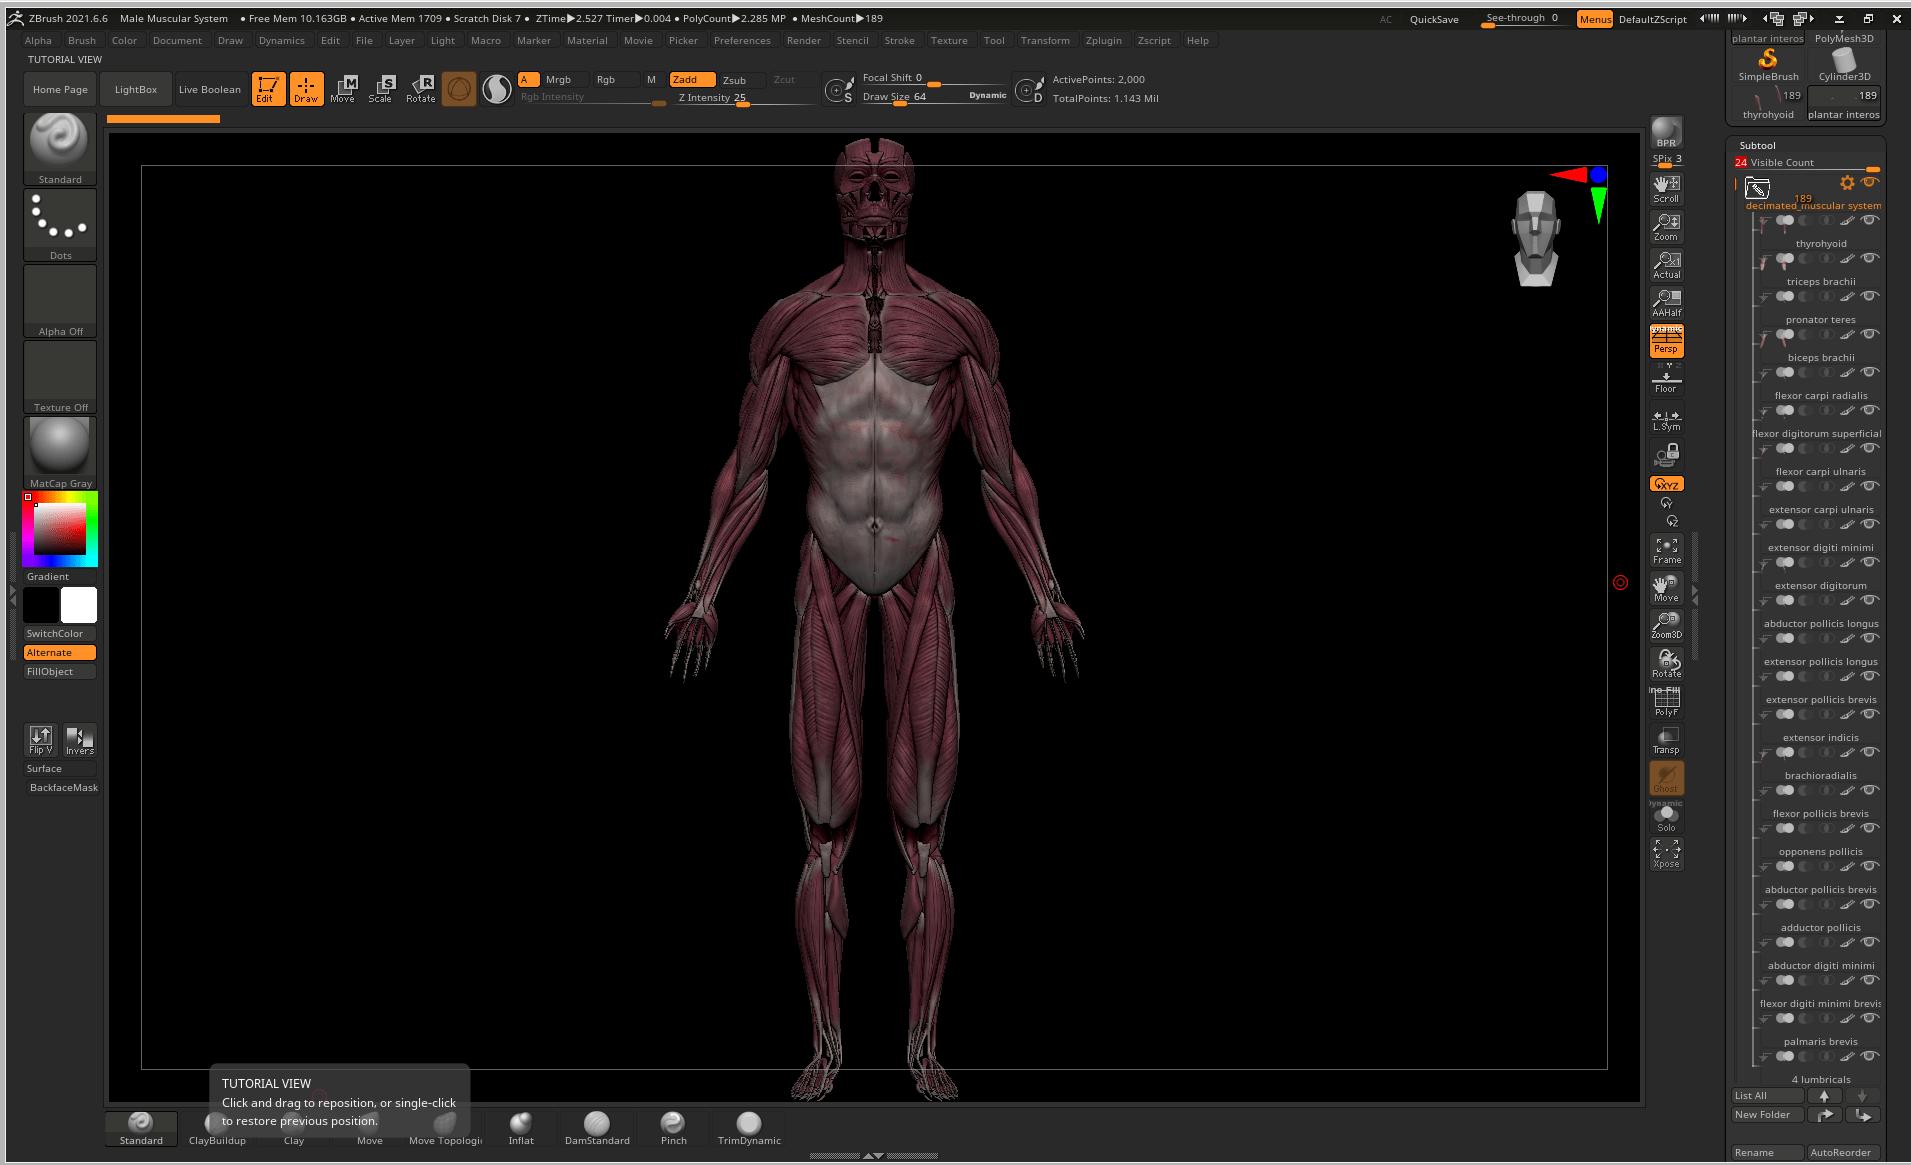 Capture 1 SA Anatomy | Study Anatomy in 3D